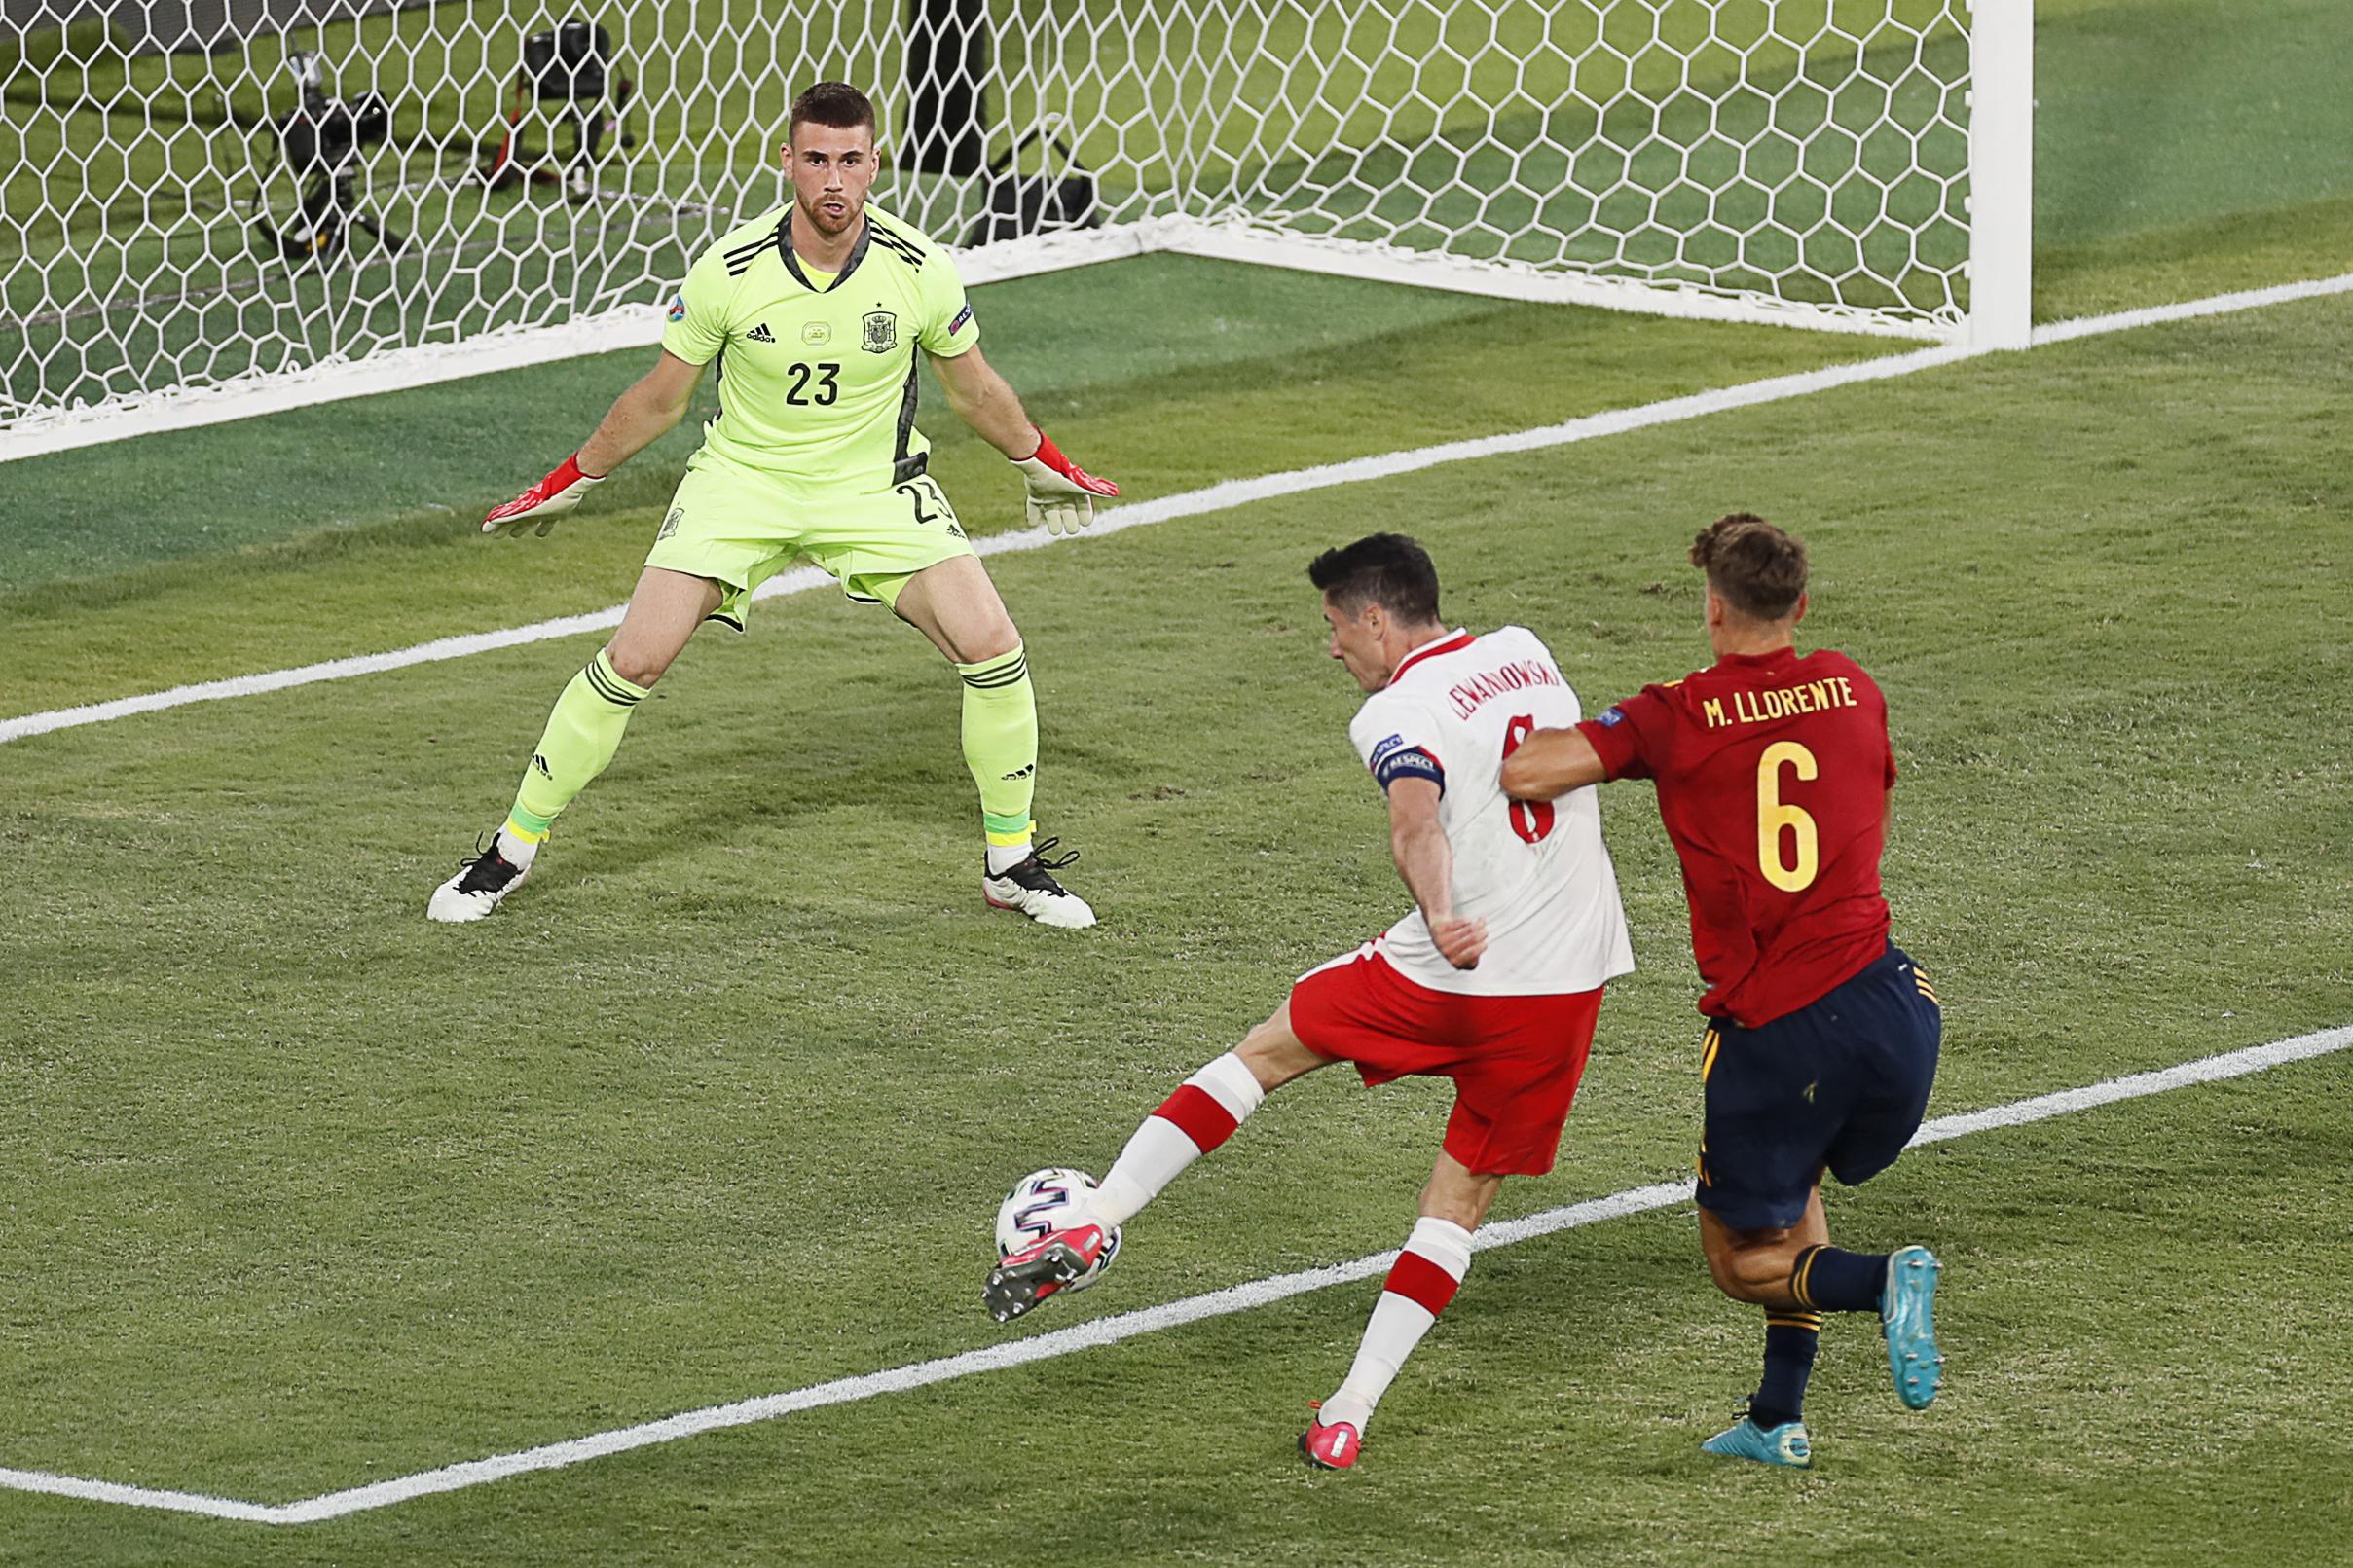 Rossz játékkal újabb spanyol döntetlen